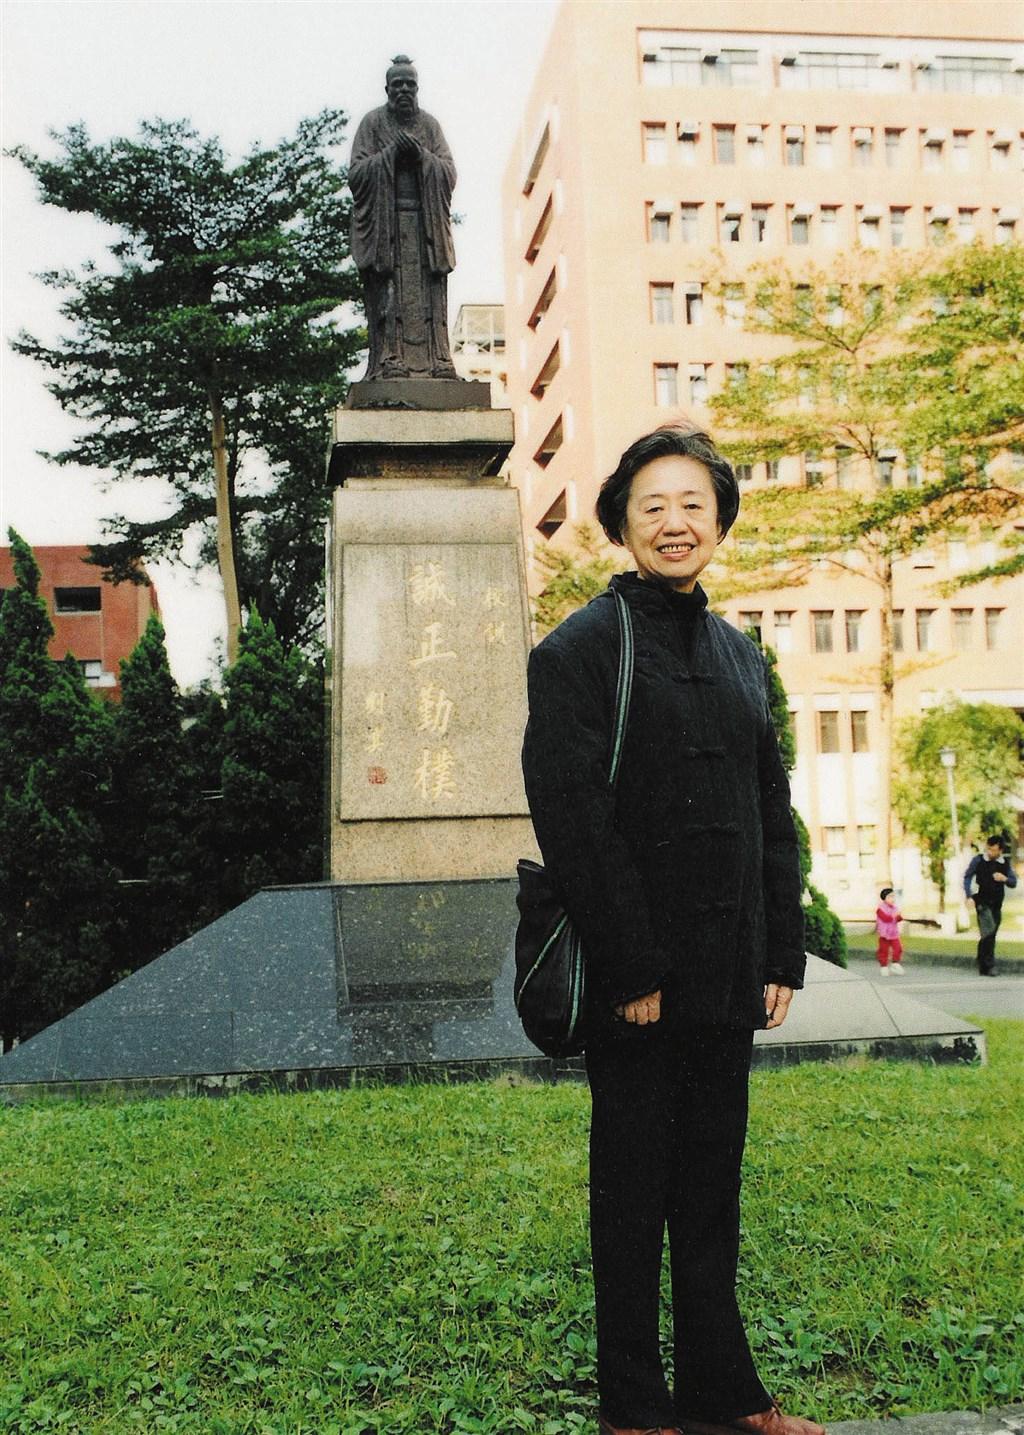 前輩鋼琴家也是音樂教育家吳漪曼24日過世,享壽88歲。(圖取自開放博物館共享資源;典藏者國立傳統藝術中心臺灣音樂館,CC BY-NC-SA 3.0 TW)